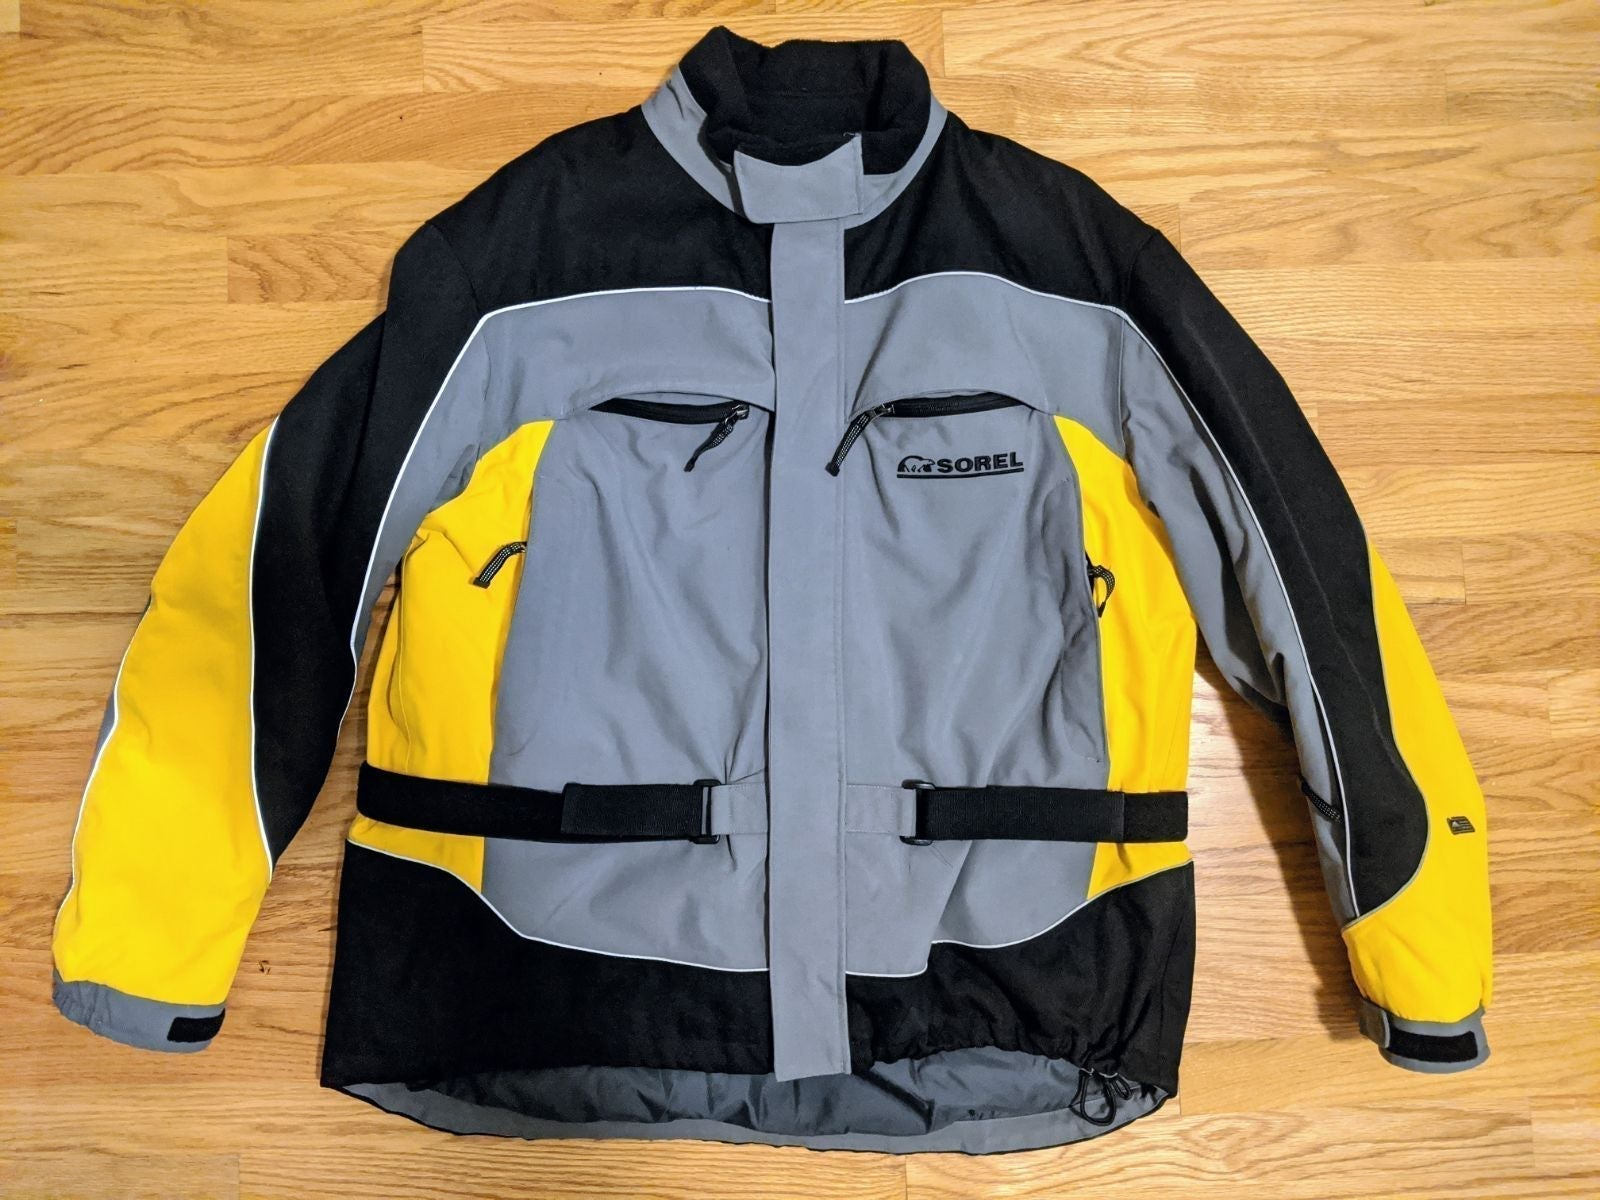 Sorel Omni Tech Jacket Waterproof